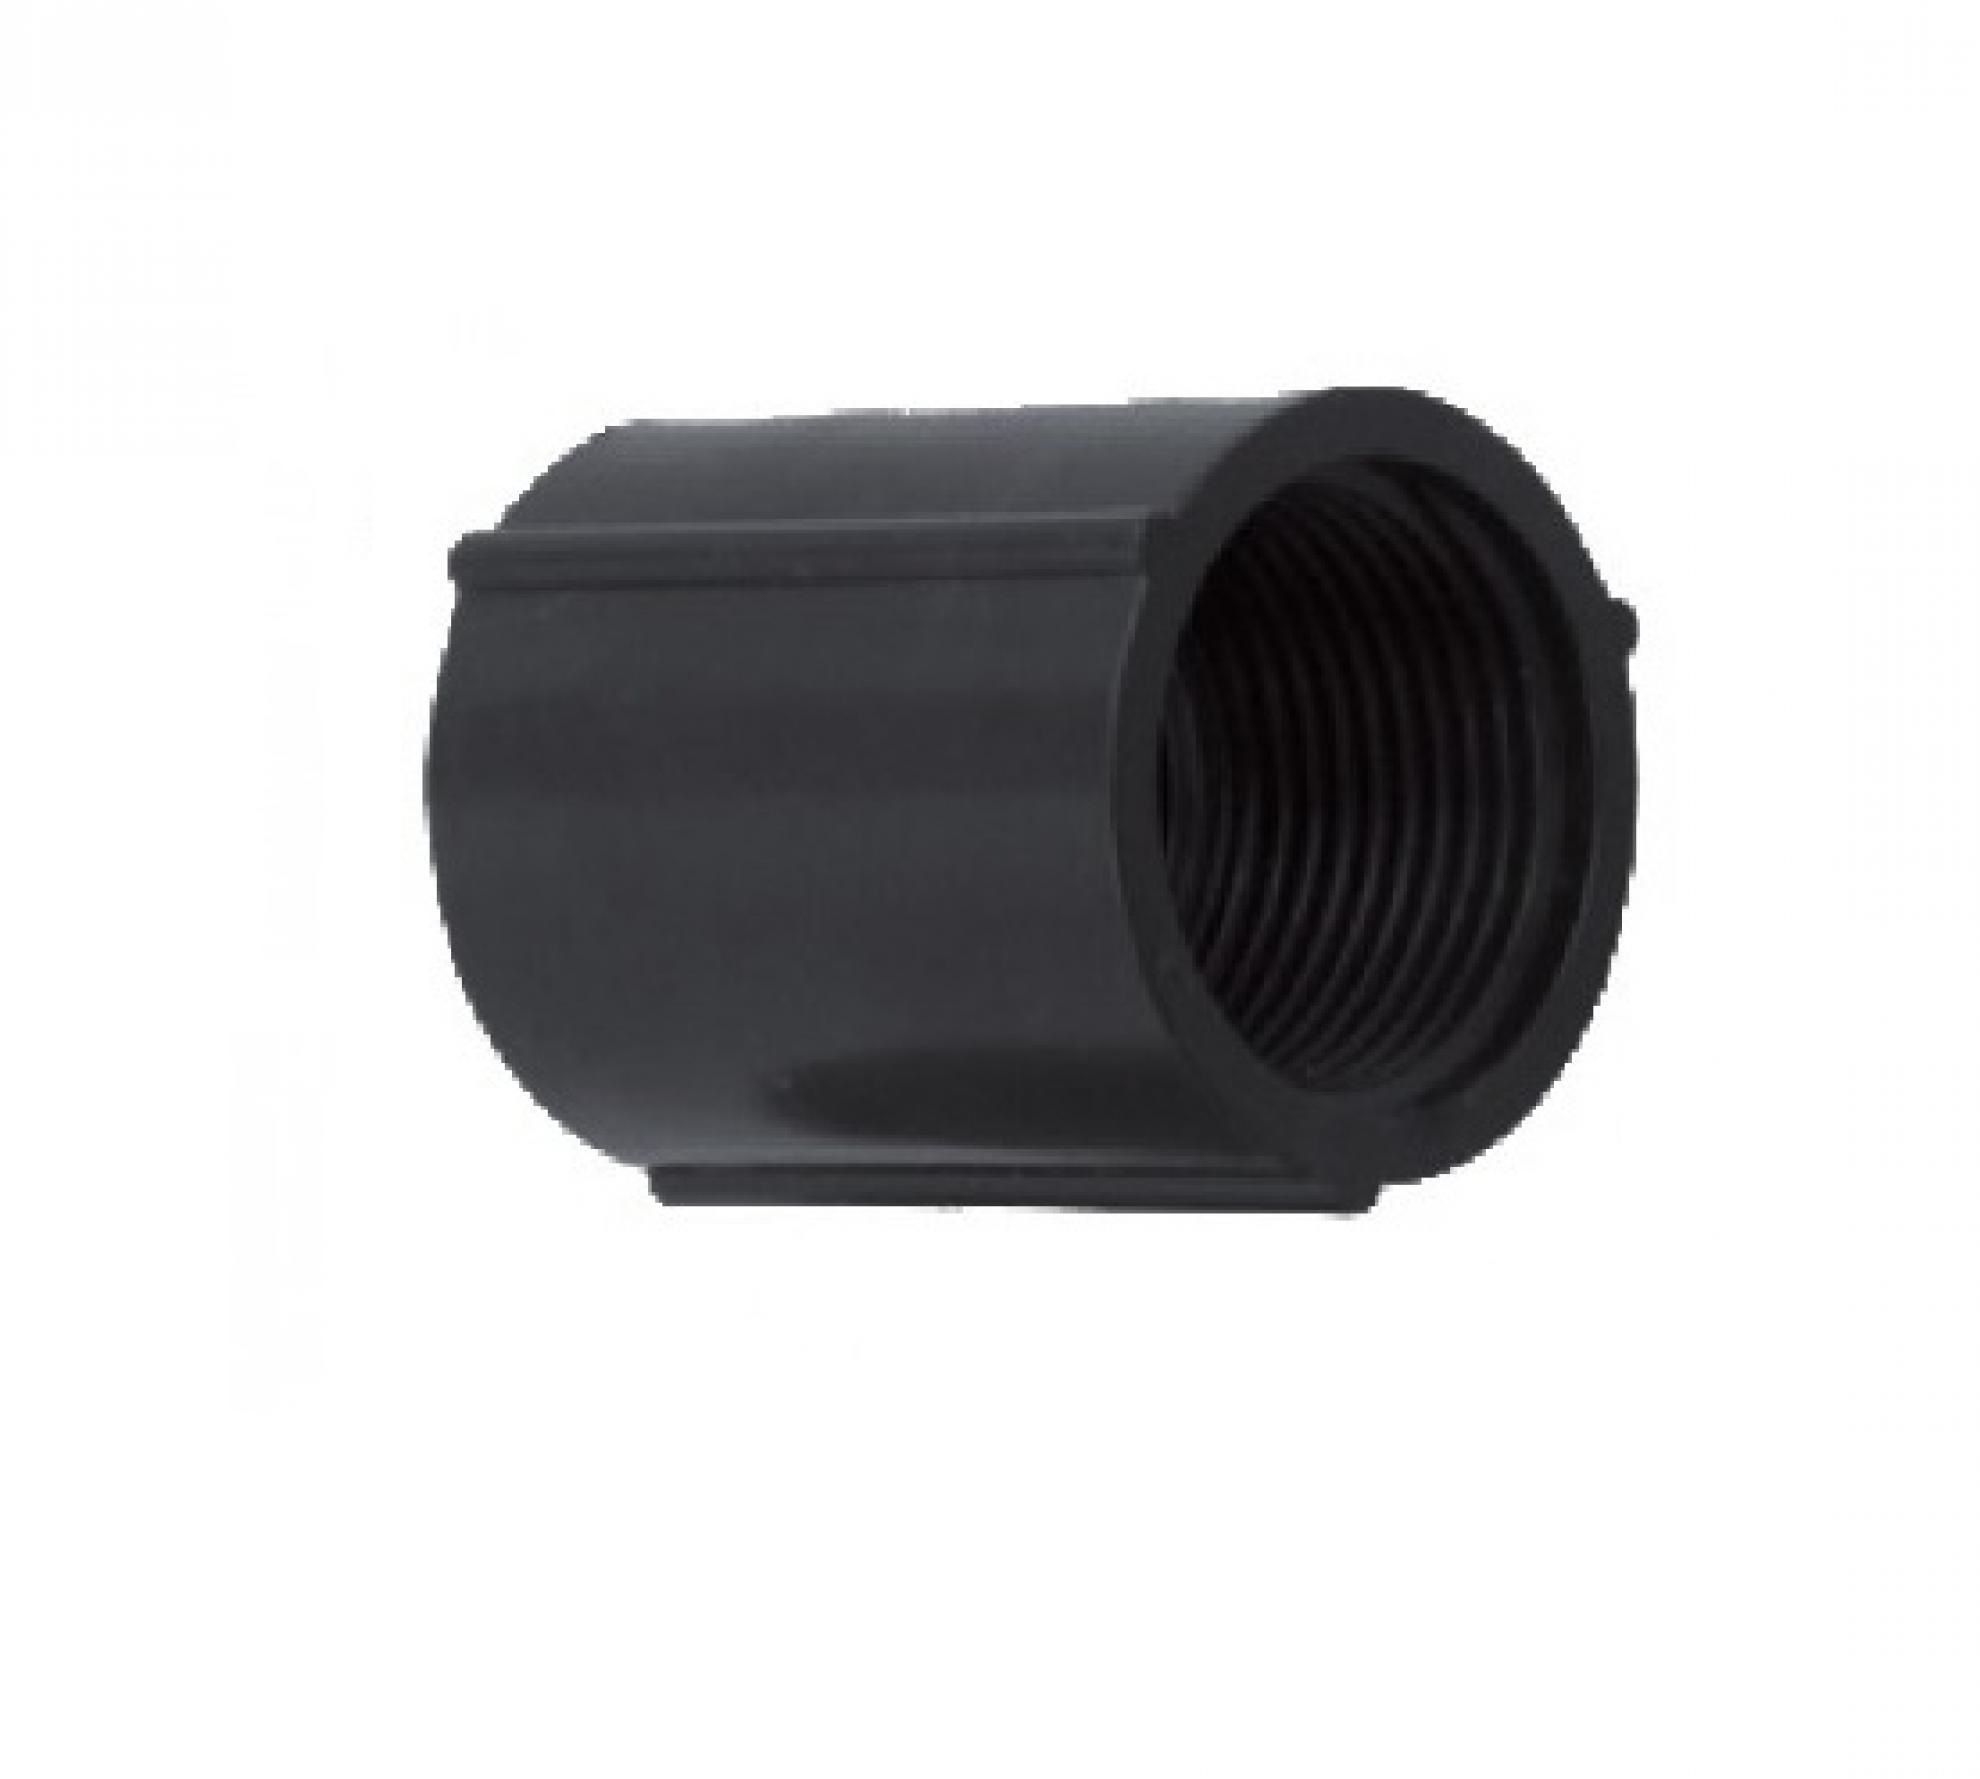 """Luva PVC 1.1/4"""" polegada rosqueavel - Preto"""